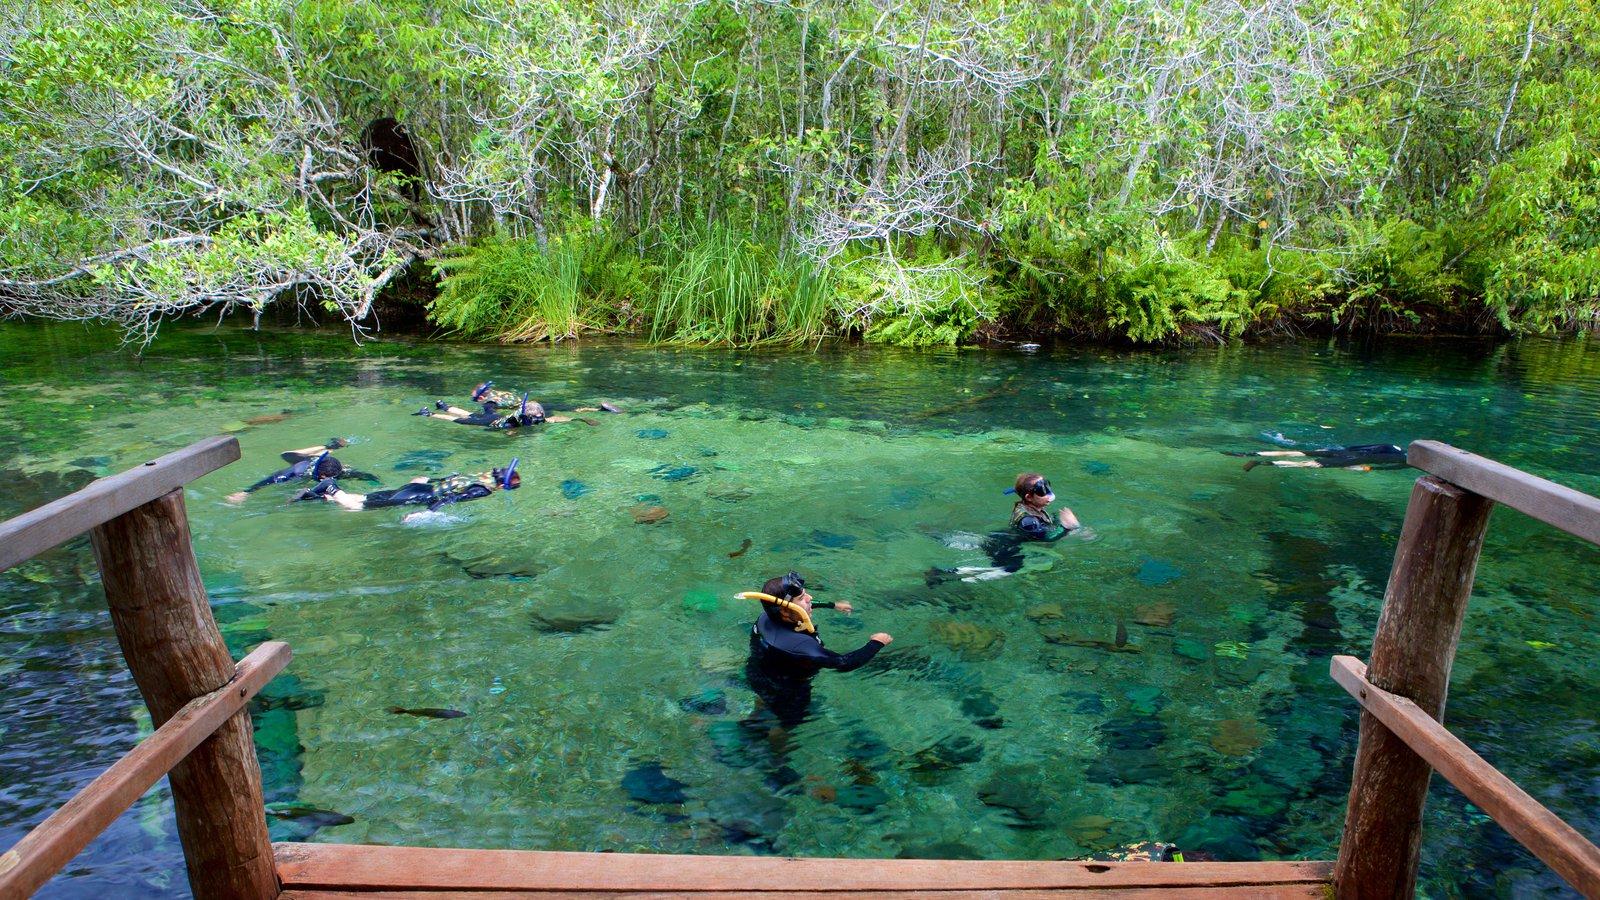 Bonito que inclui snorkel, natação e um rio ou córrego